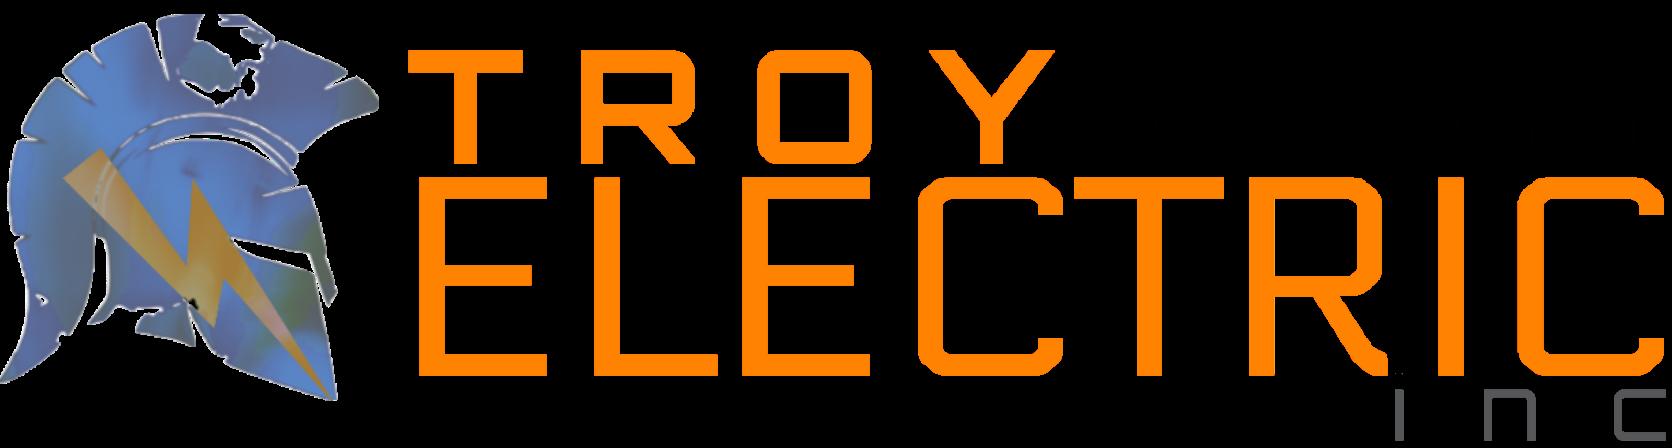 Overlay Orange Logo wHelmet.png